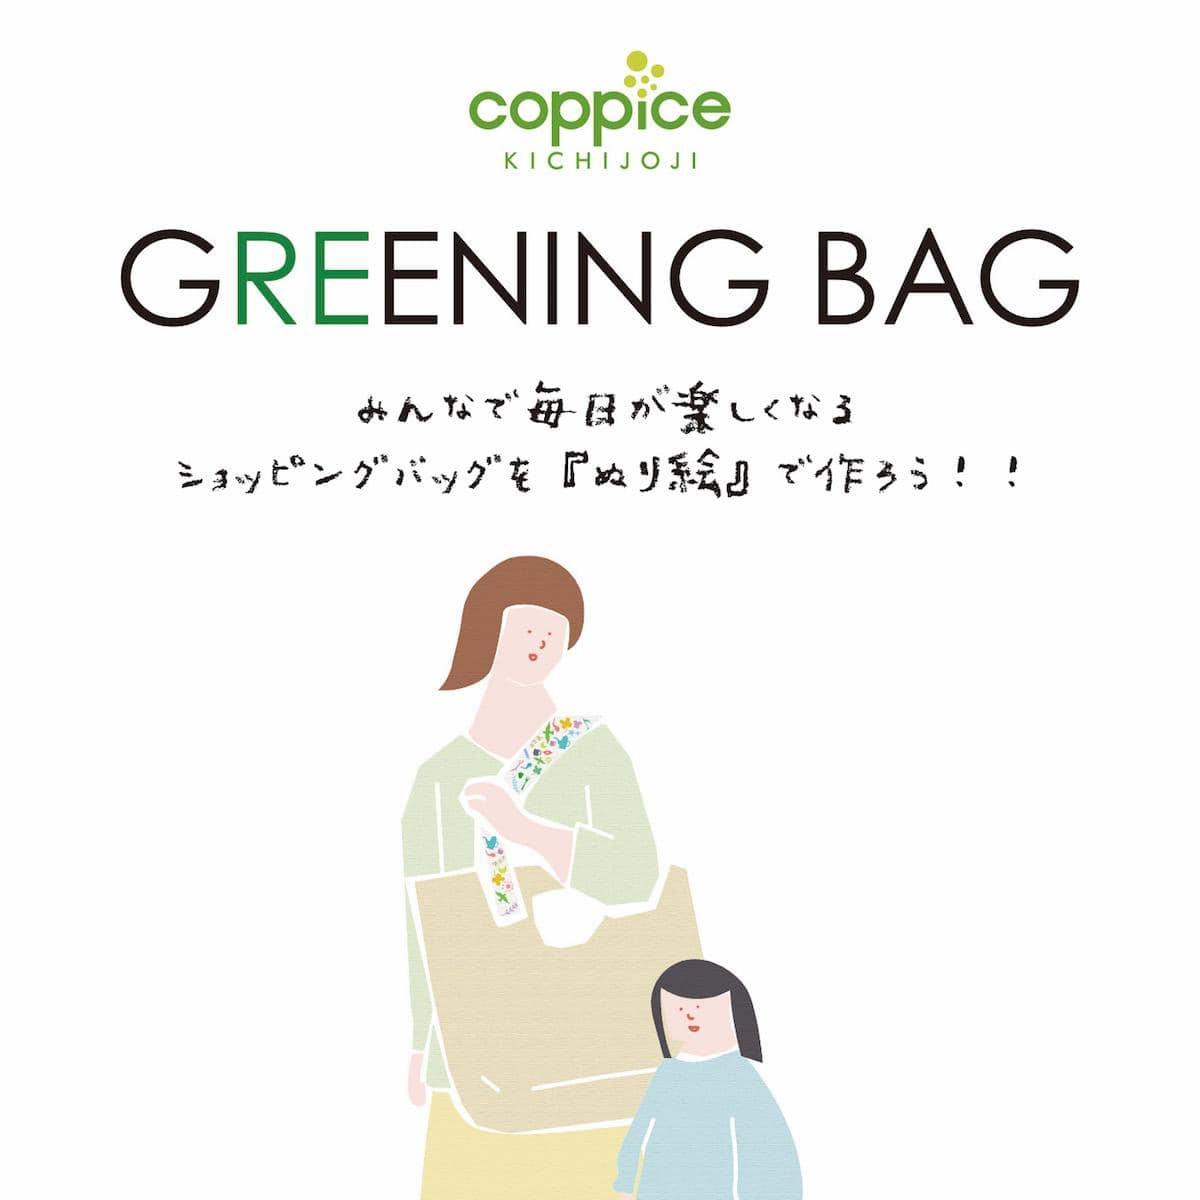 「グリーニング バッグをつくろう」ビジュアルイメージ